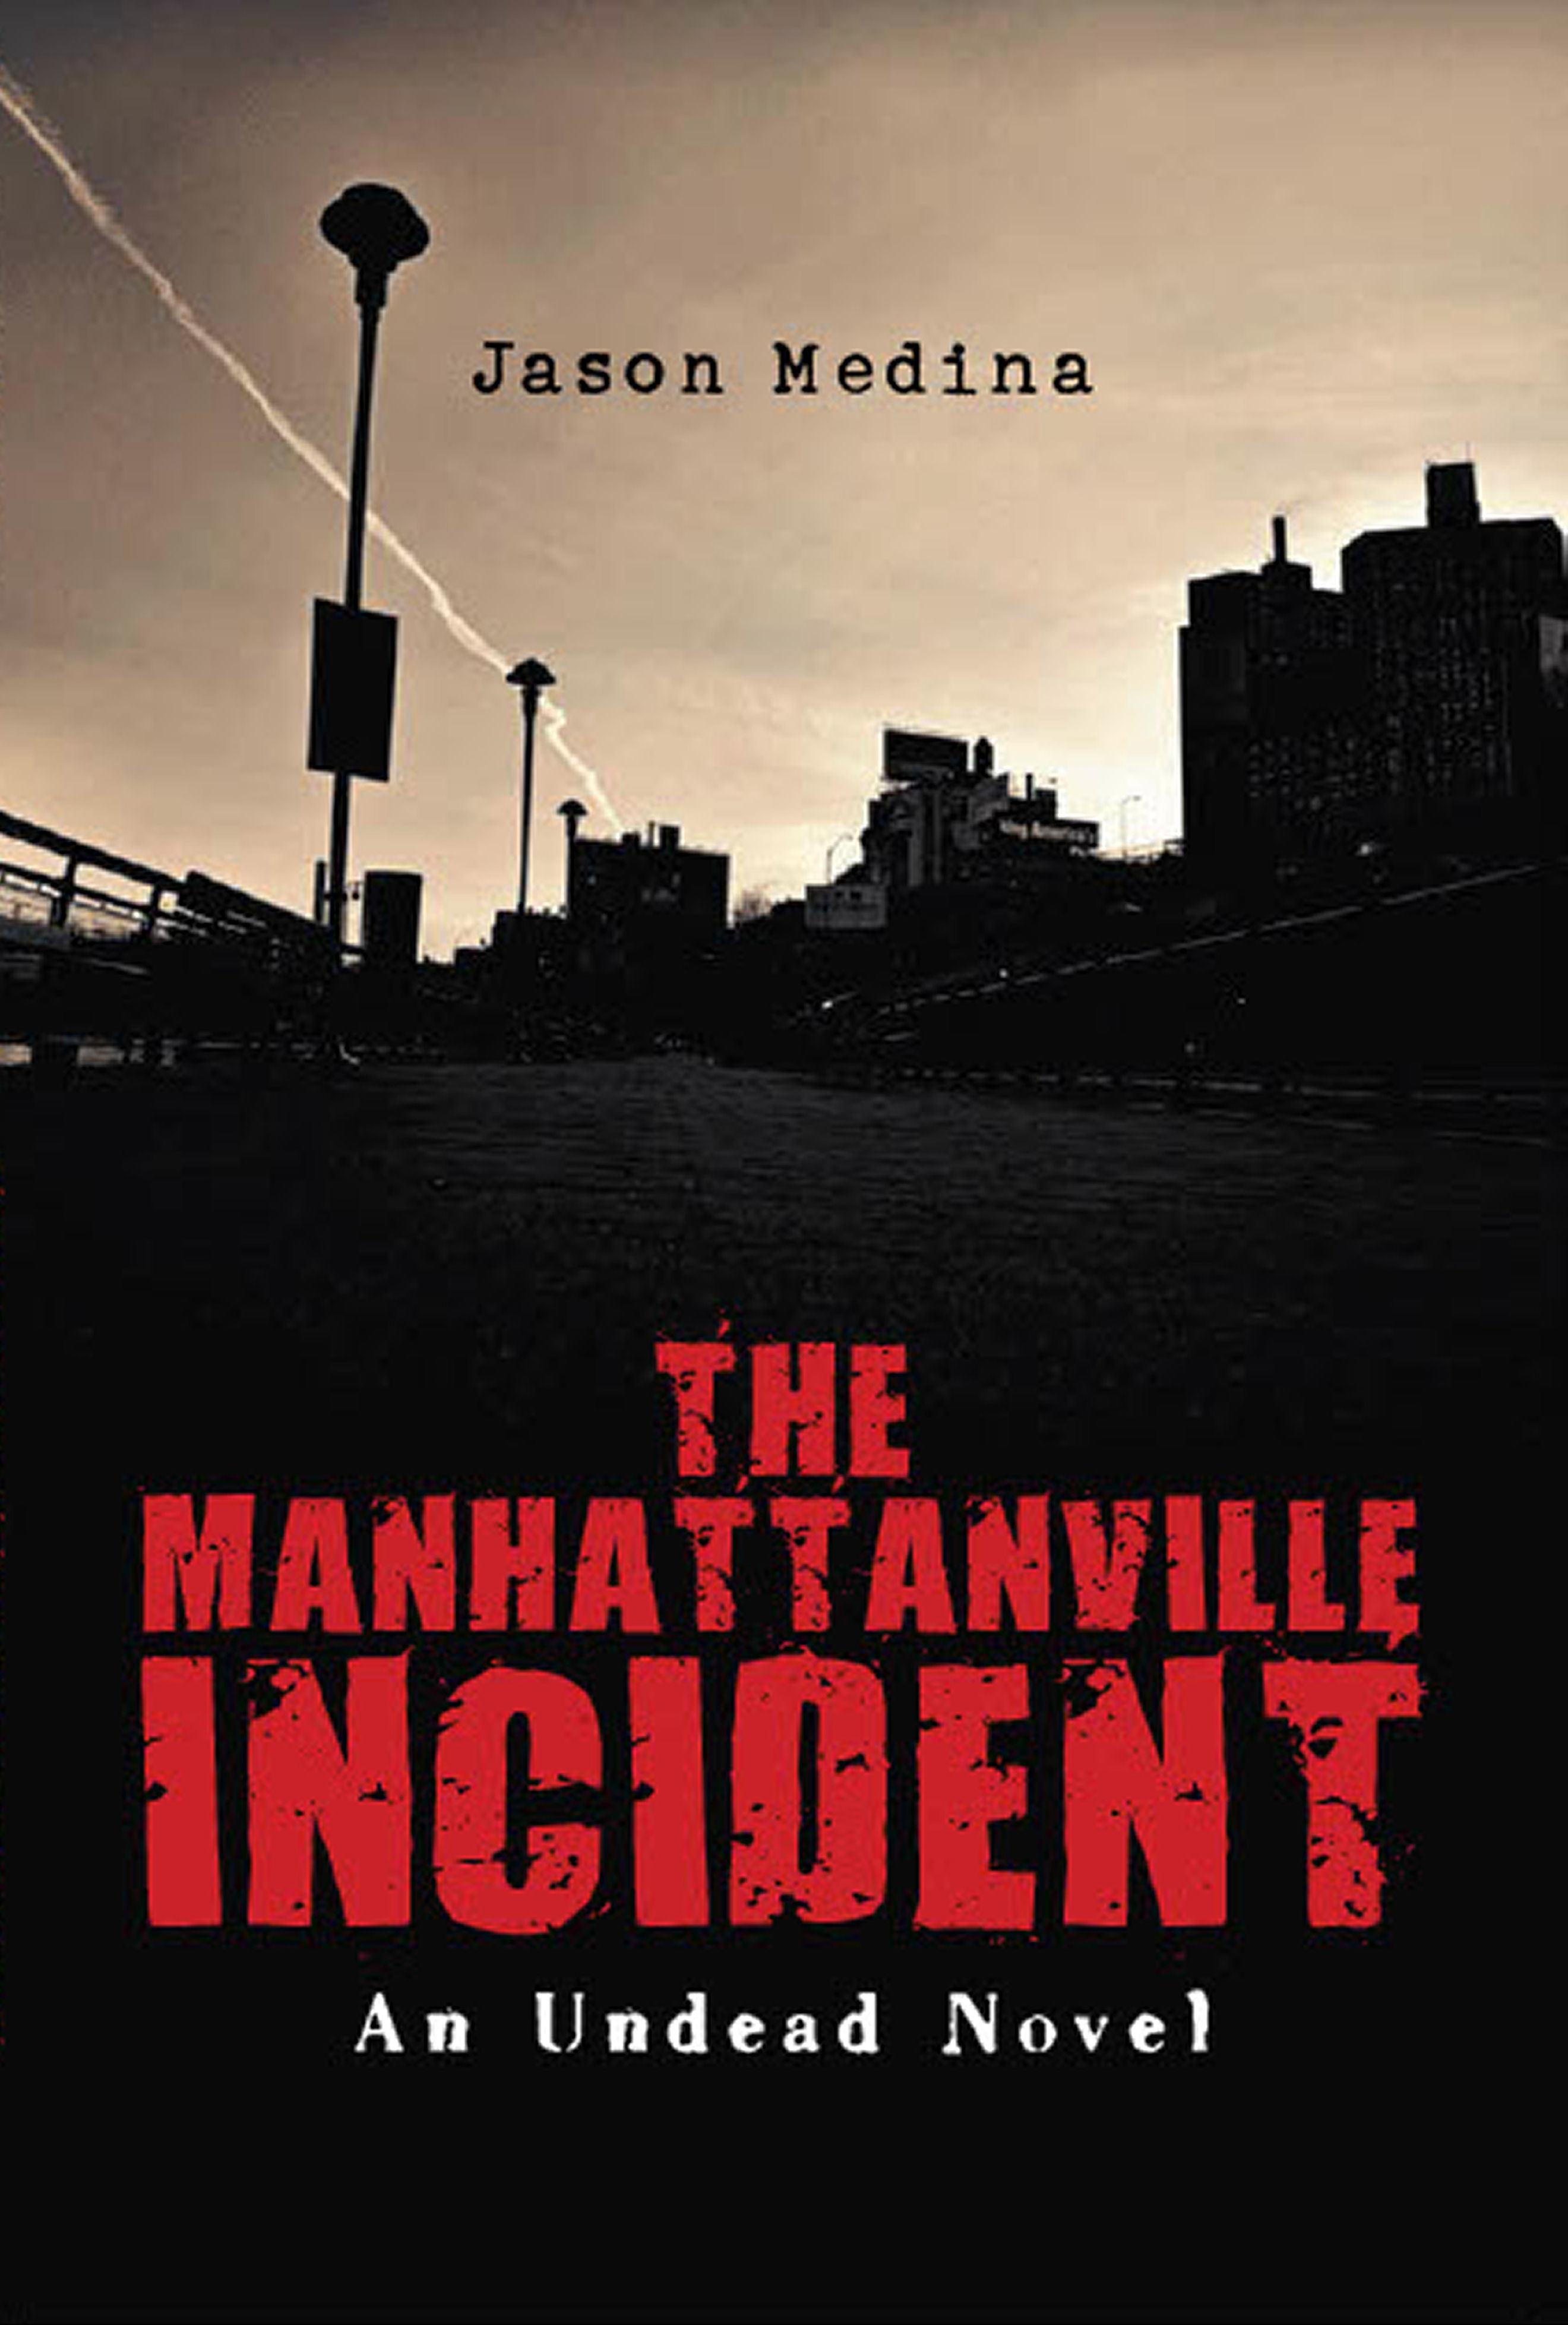 The Manhattanville Incident: An Undead Novel